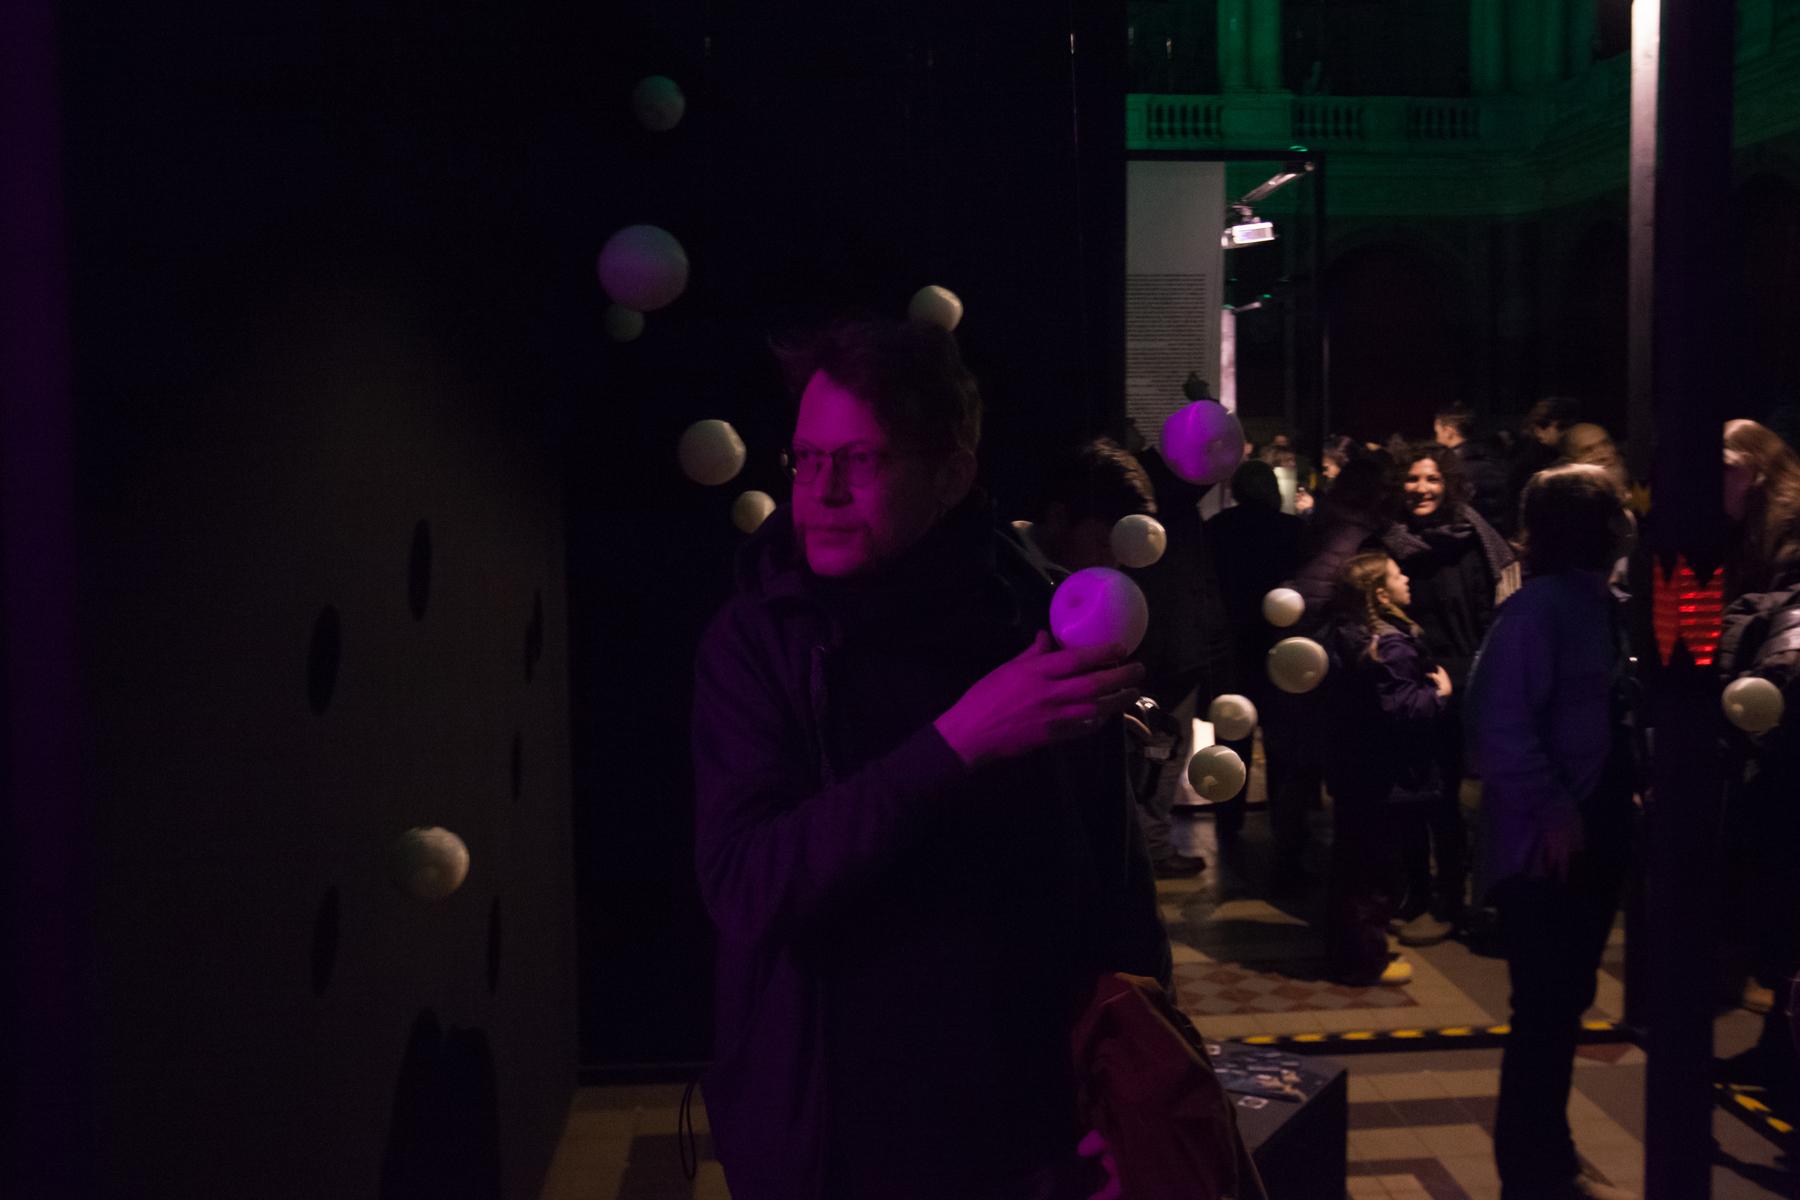 023_Festival opening Stieglitz Academy (Photo by Yuri Goryanoy)_68